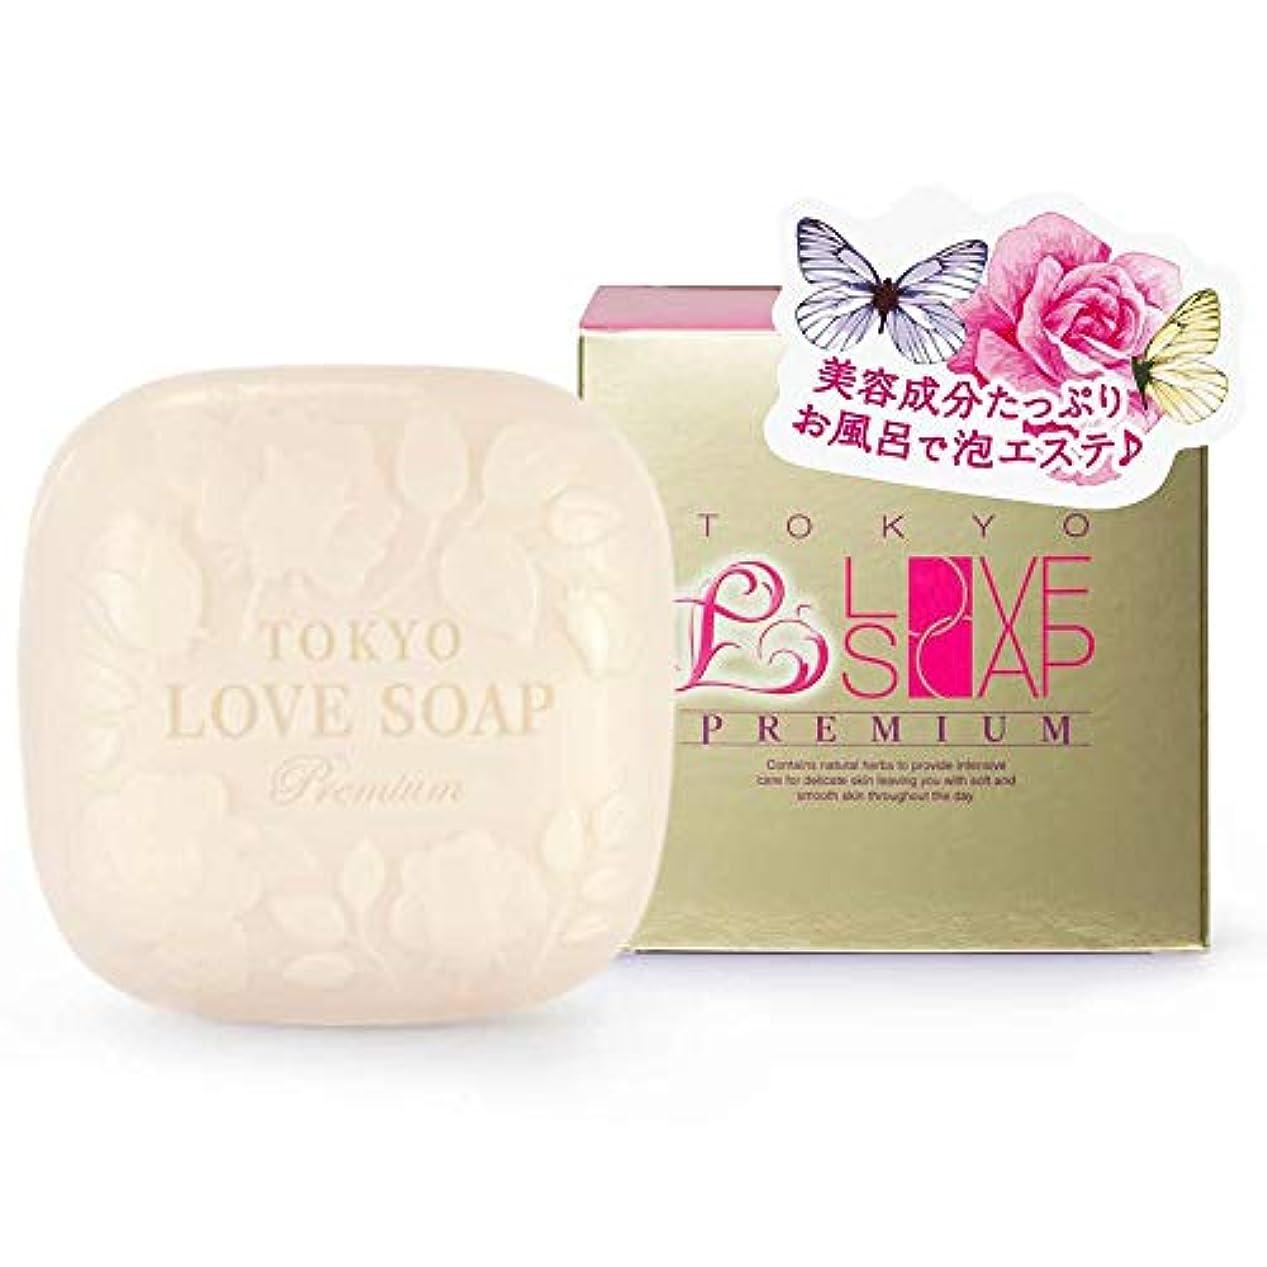 美容師ミサイルお茶東京ラブソープ プレミアム 100g 国産 デリケートゾーンソープ